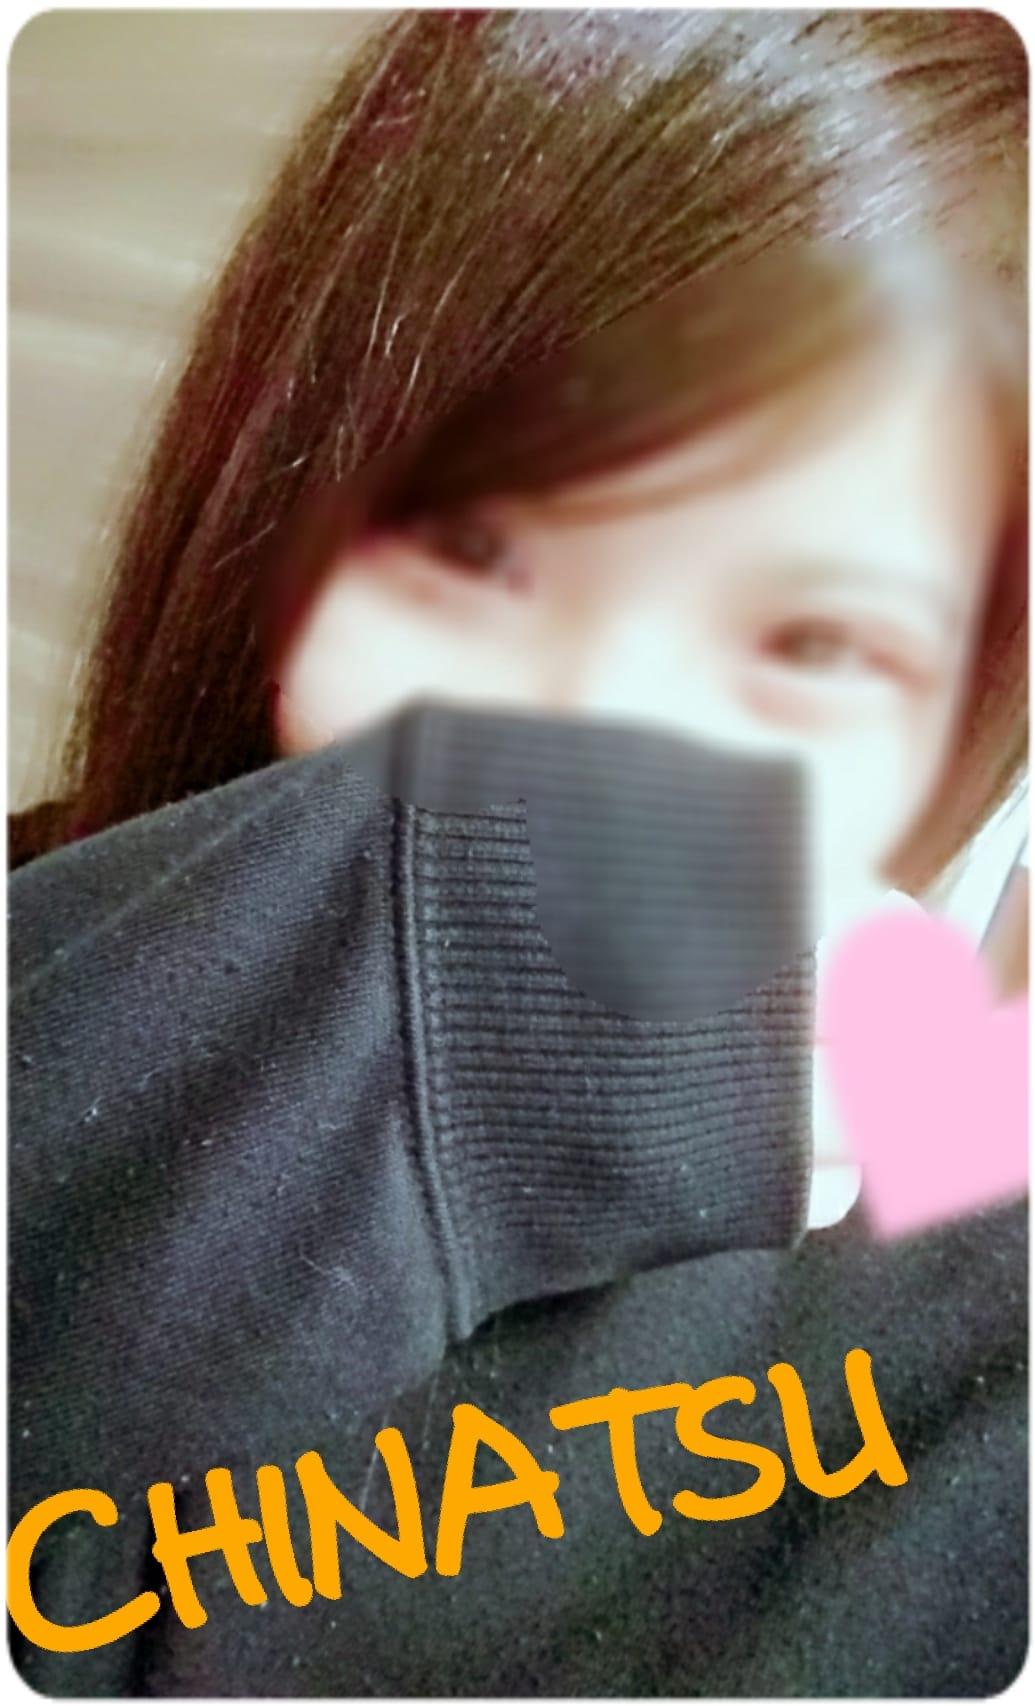 「おはようございます*」01/20(01/20) 11:04   千夏-ちなつの写メ・風俗動画